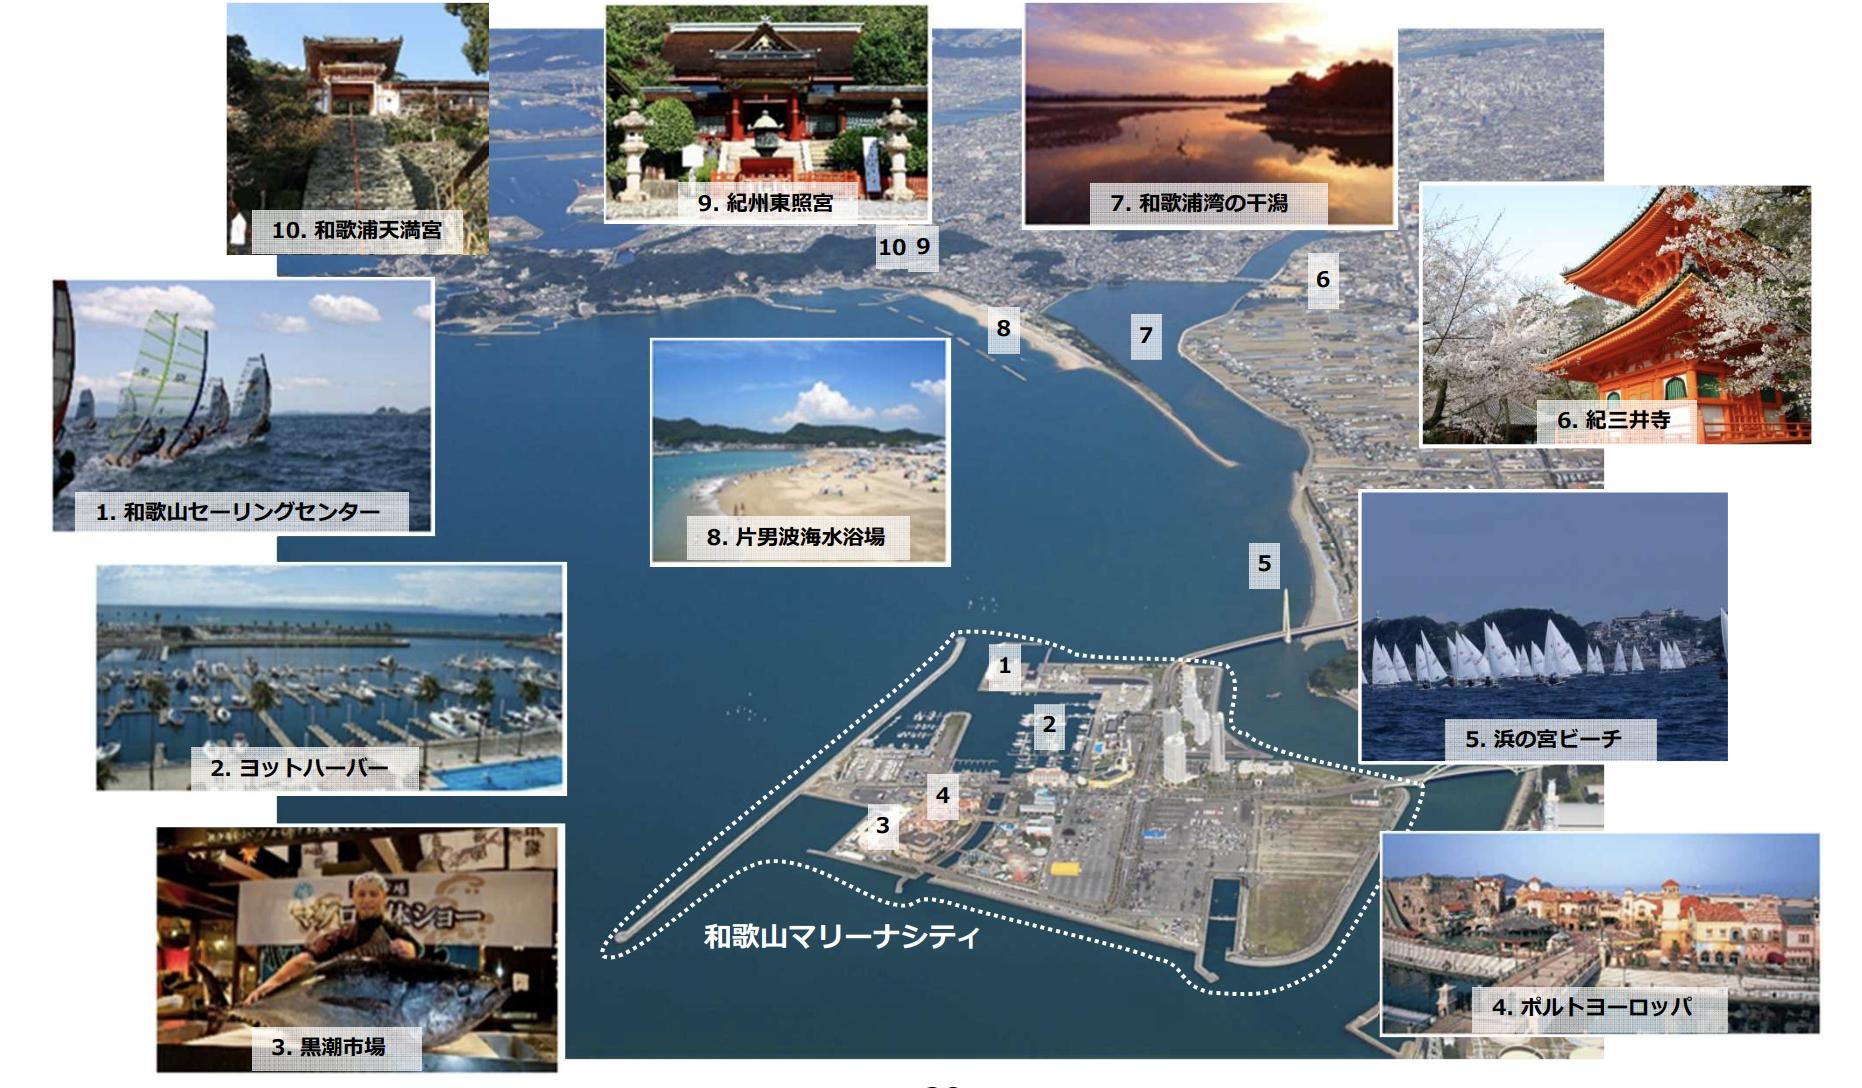 日本初のカジノ事業者に選ばれたクレアベストってどんな会社?